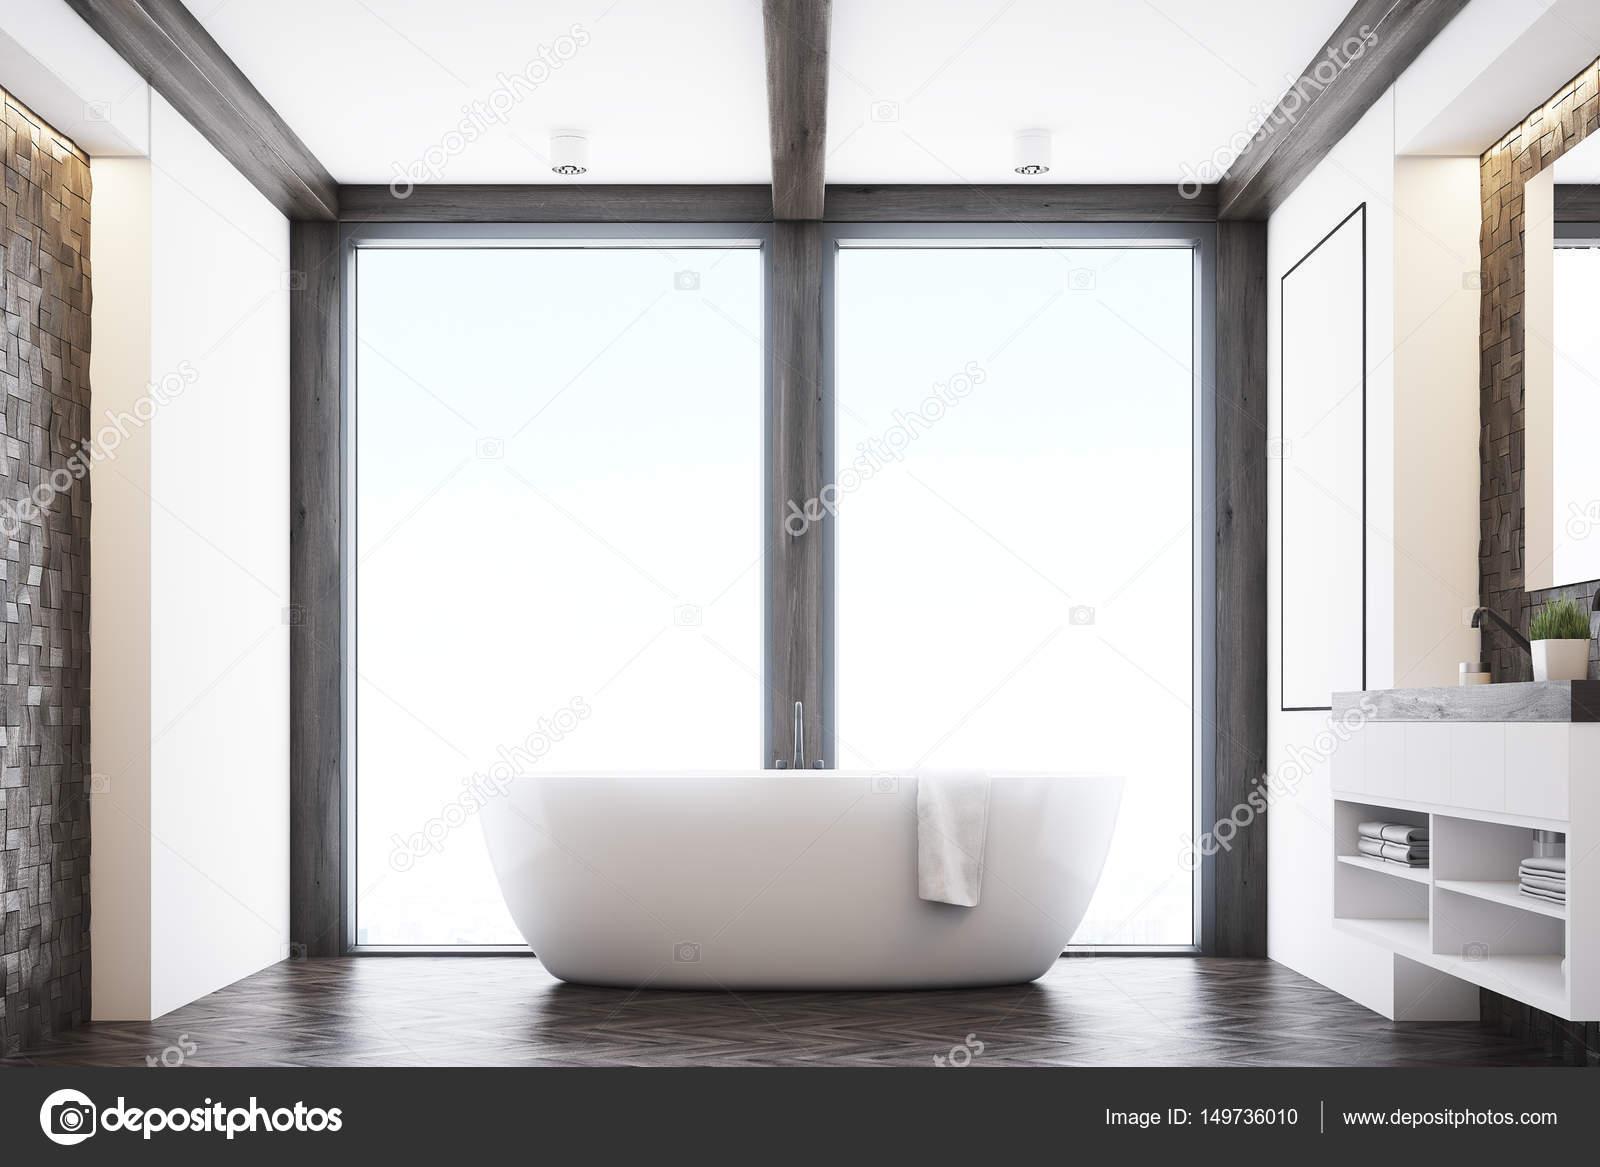 vooraanzicht van een badkamer met donkere tegels een dubbele wastafel een grote witte tub en een groot raam 3d rendering foto van denisismagilov